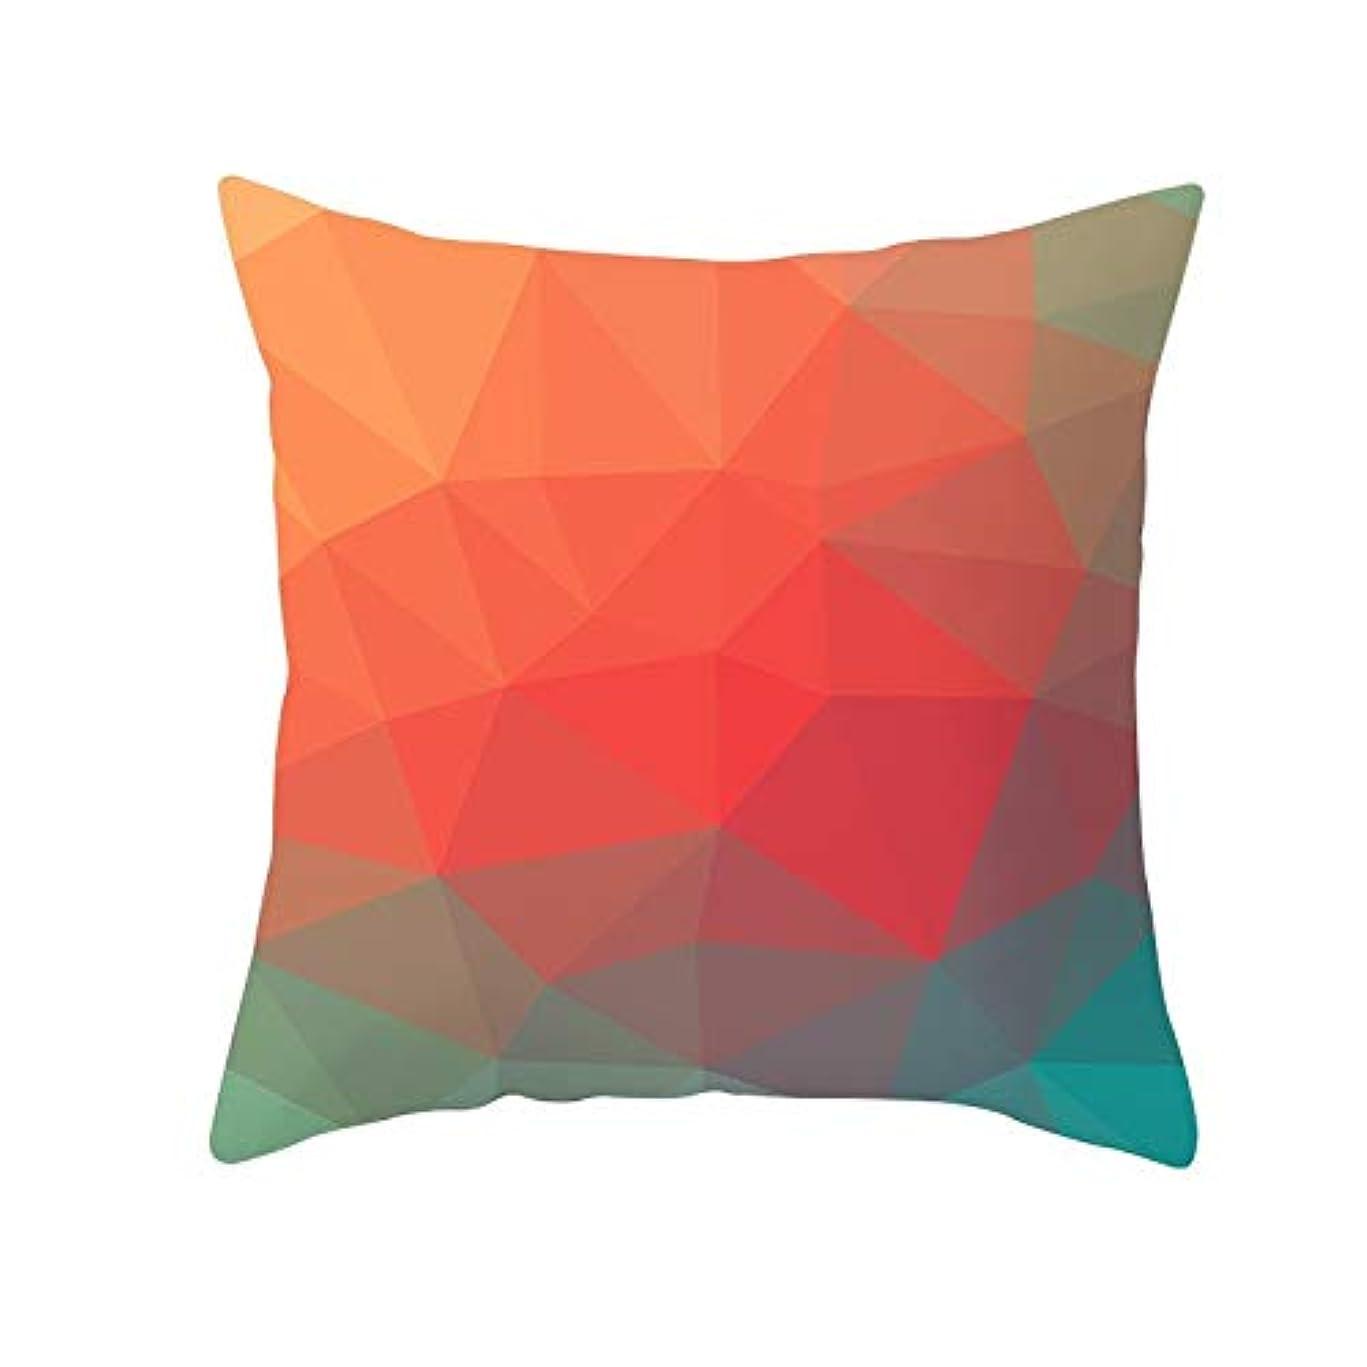 遡る規制する味付けLIFE 装飾クッションソファ 幾何学プリントポリエステル正方形の枕ソファスロークッション家の装飾 coussin デ長椅子 クッション 椅子